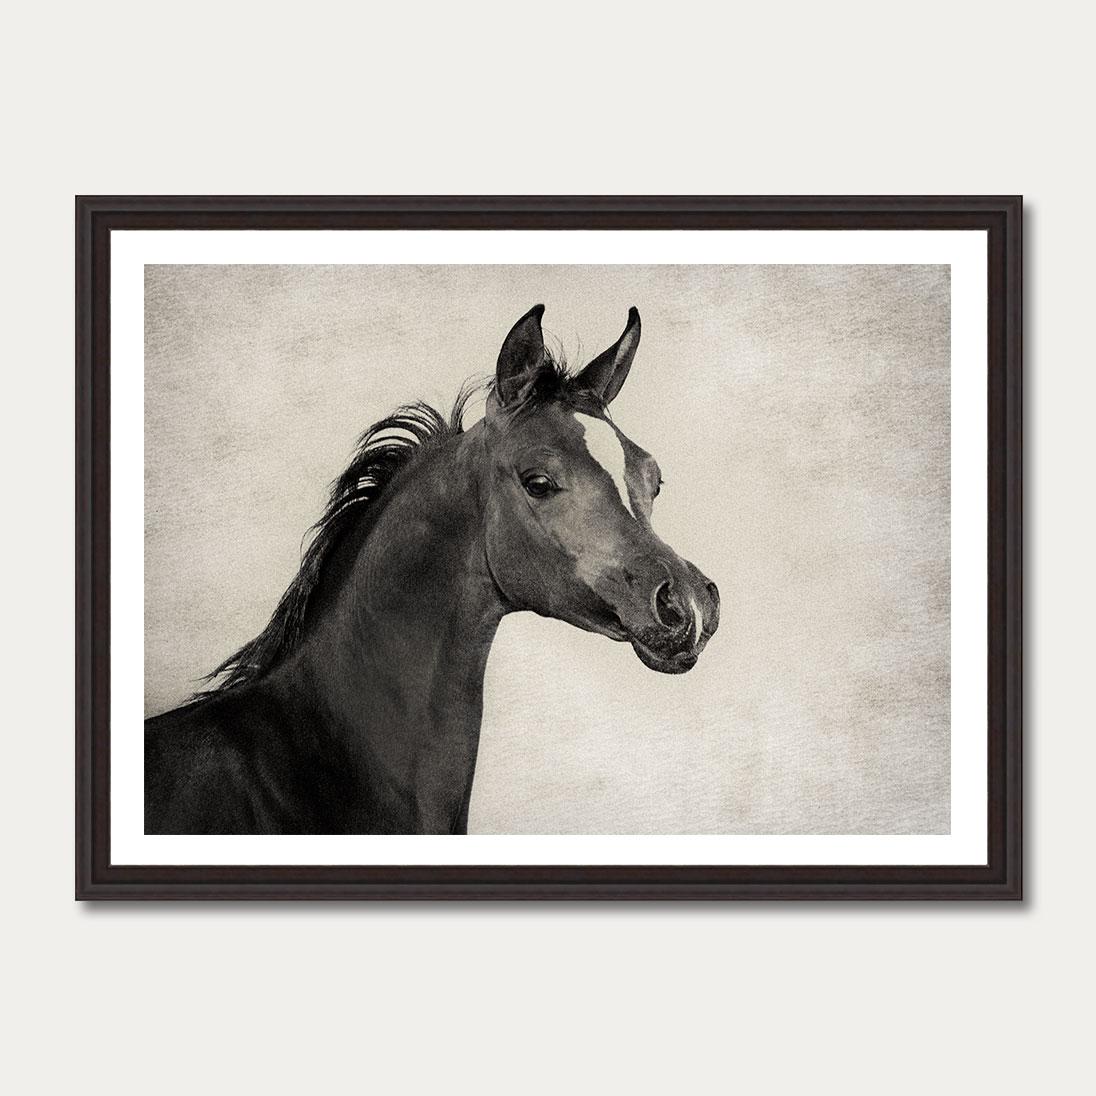 PhotoArtGallery Horses Robert Peek 3